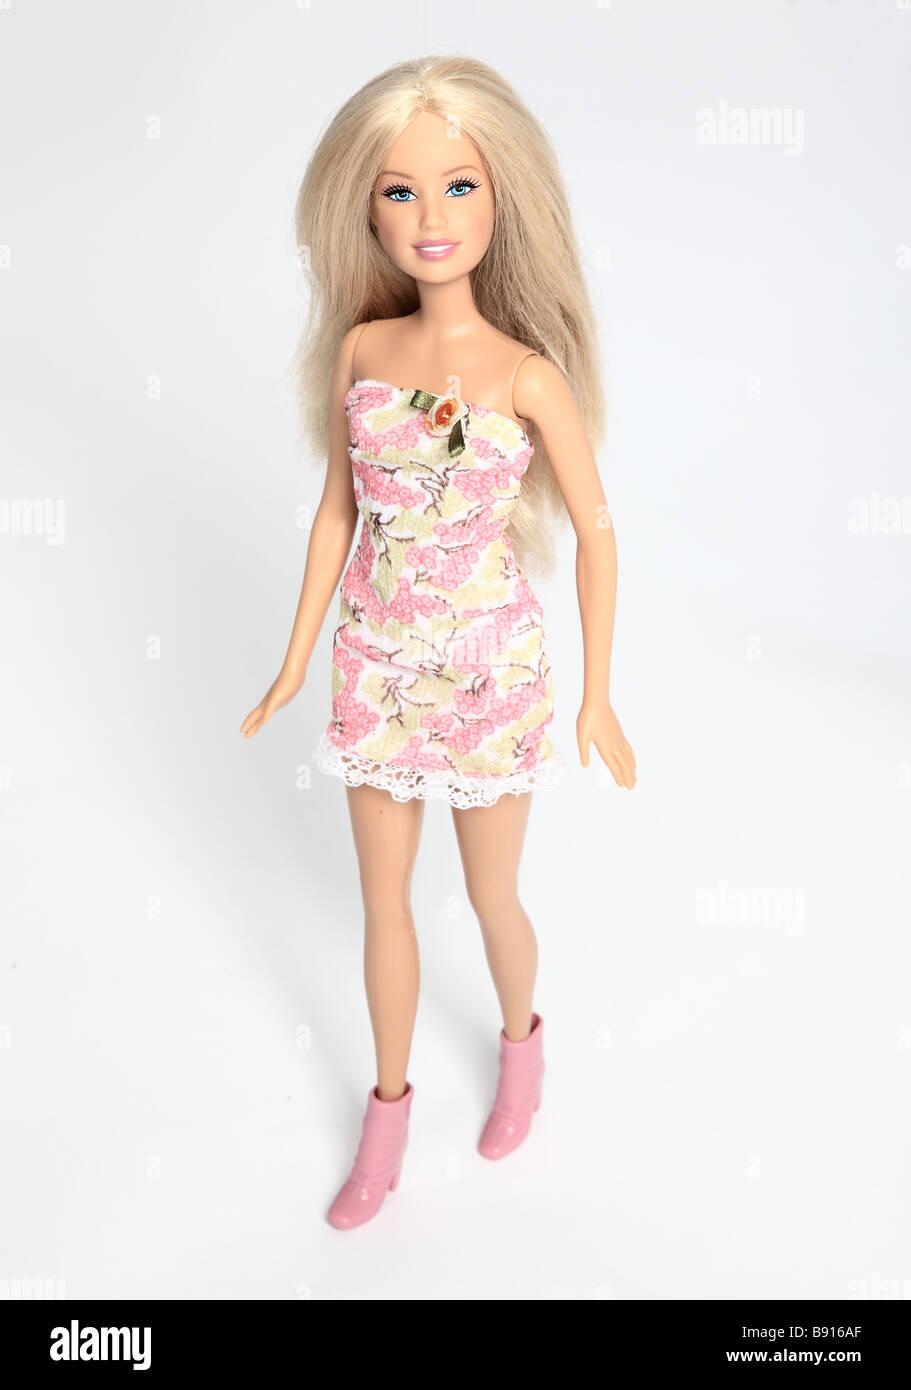 Bambola Barbie abito rosa. Immagini Stock